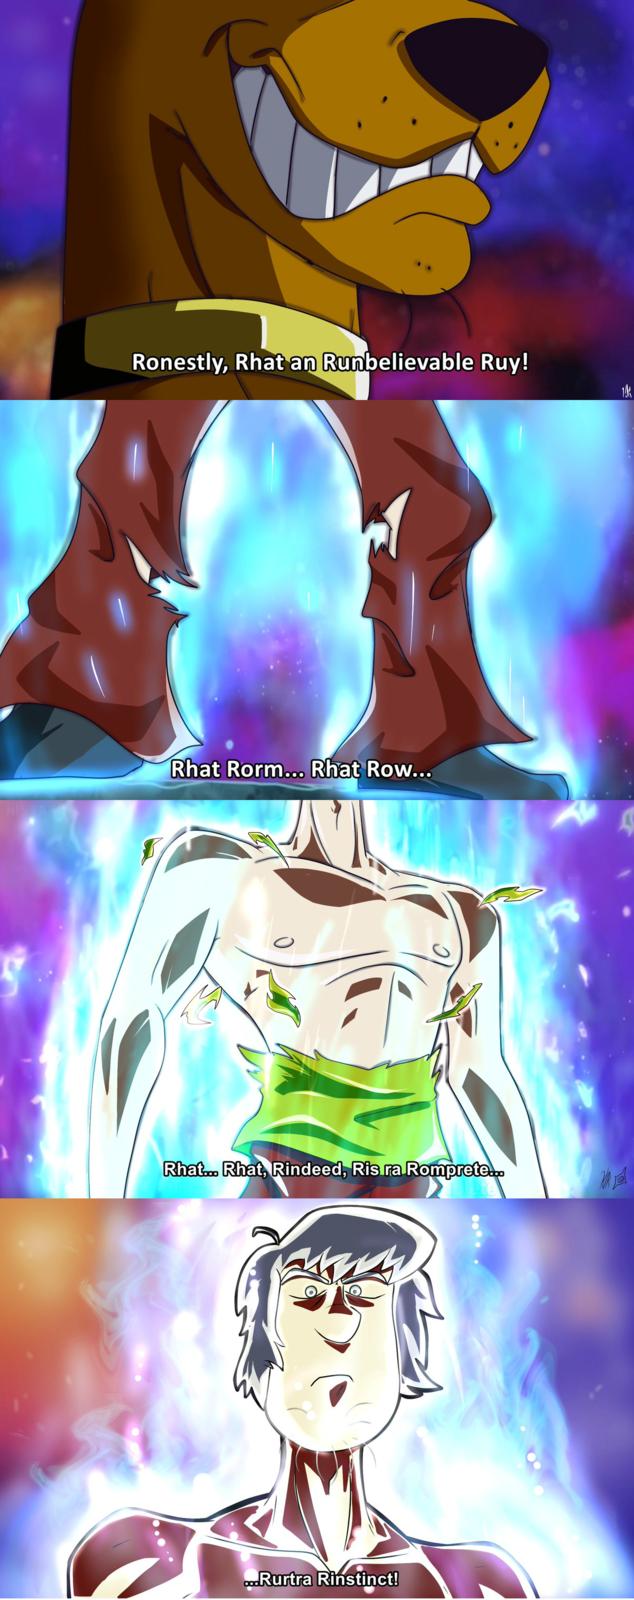 """""""Like, Ultra Instinct is pretty sweet man. Scooby will ..."""